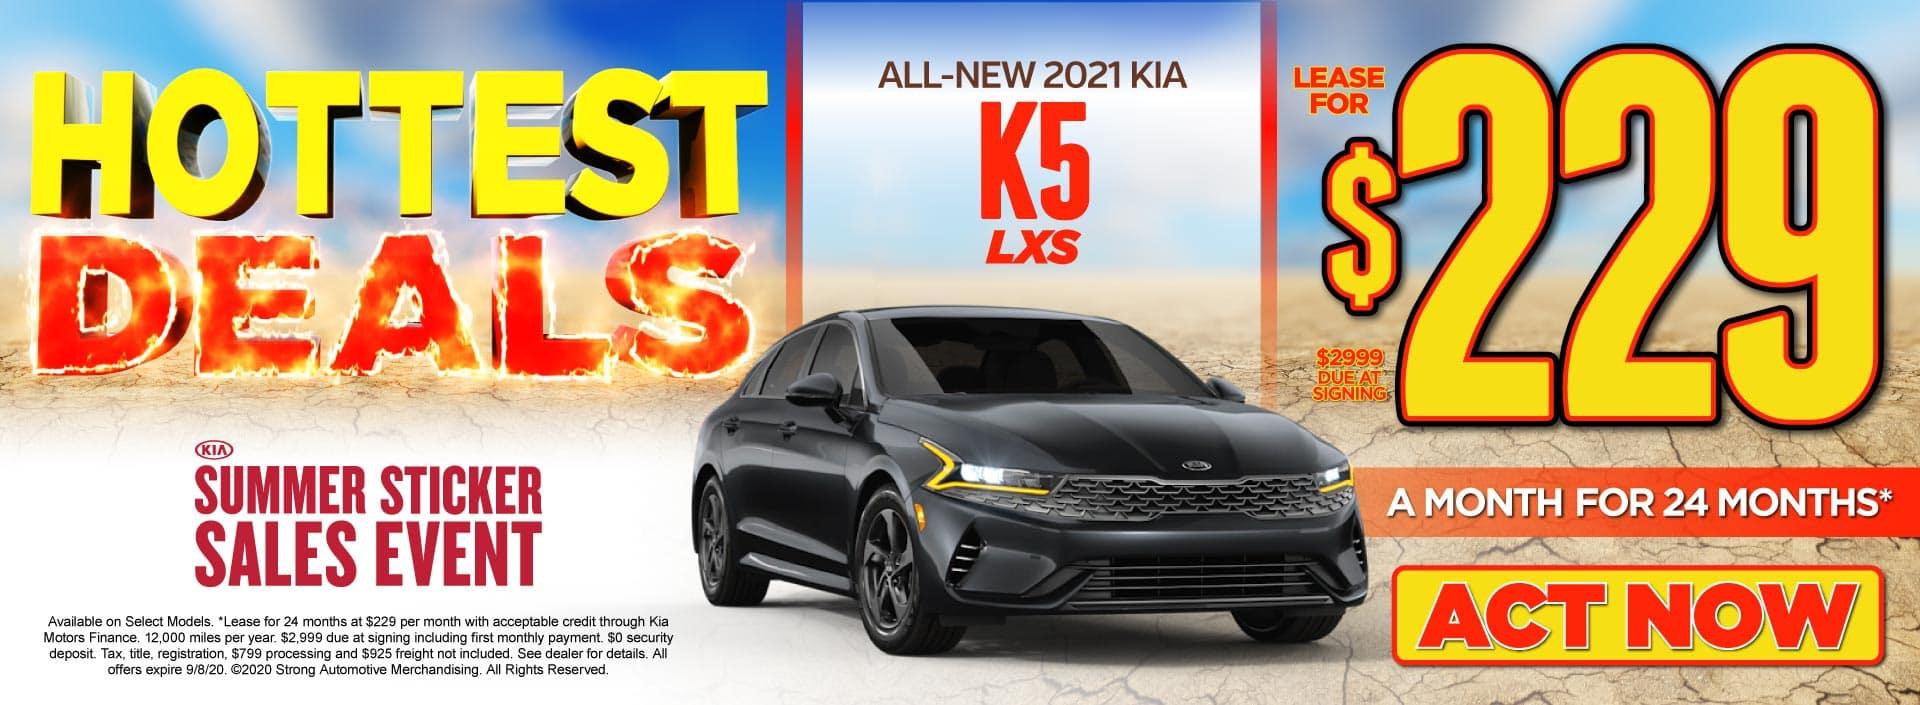 New 2021 Kia K5 only $229/mo - ACT NOW